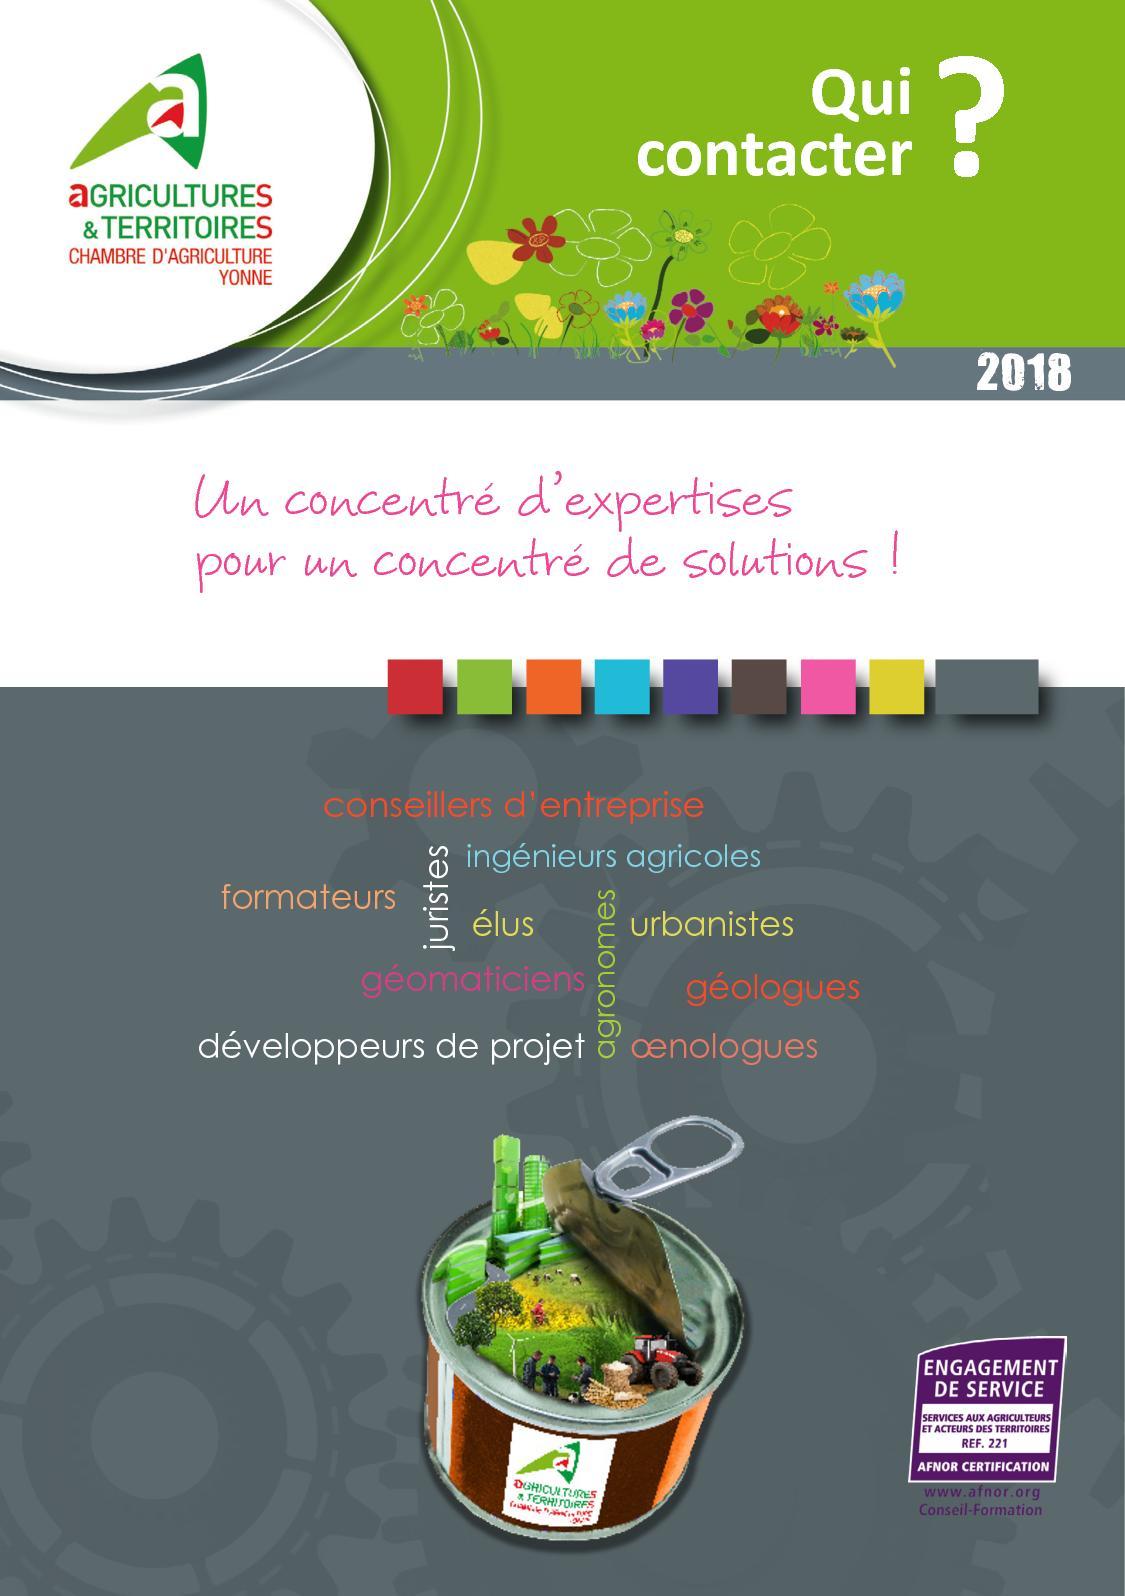 Calam o contacts chambre d 39 agriculture de l 39 yonne - Chambre agriculture yonne ...